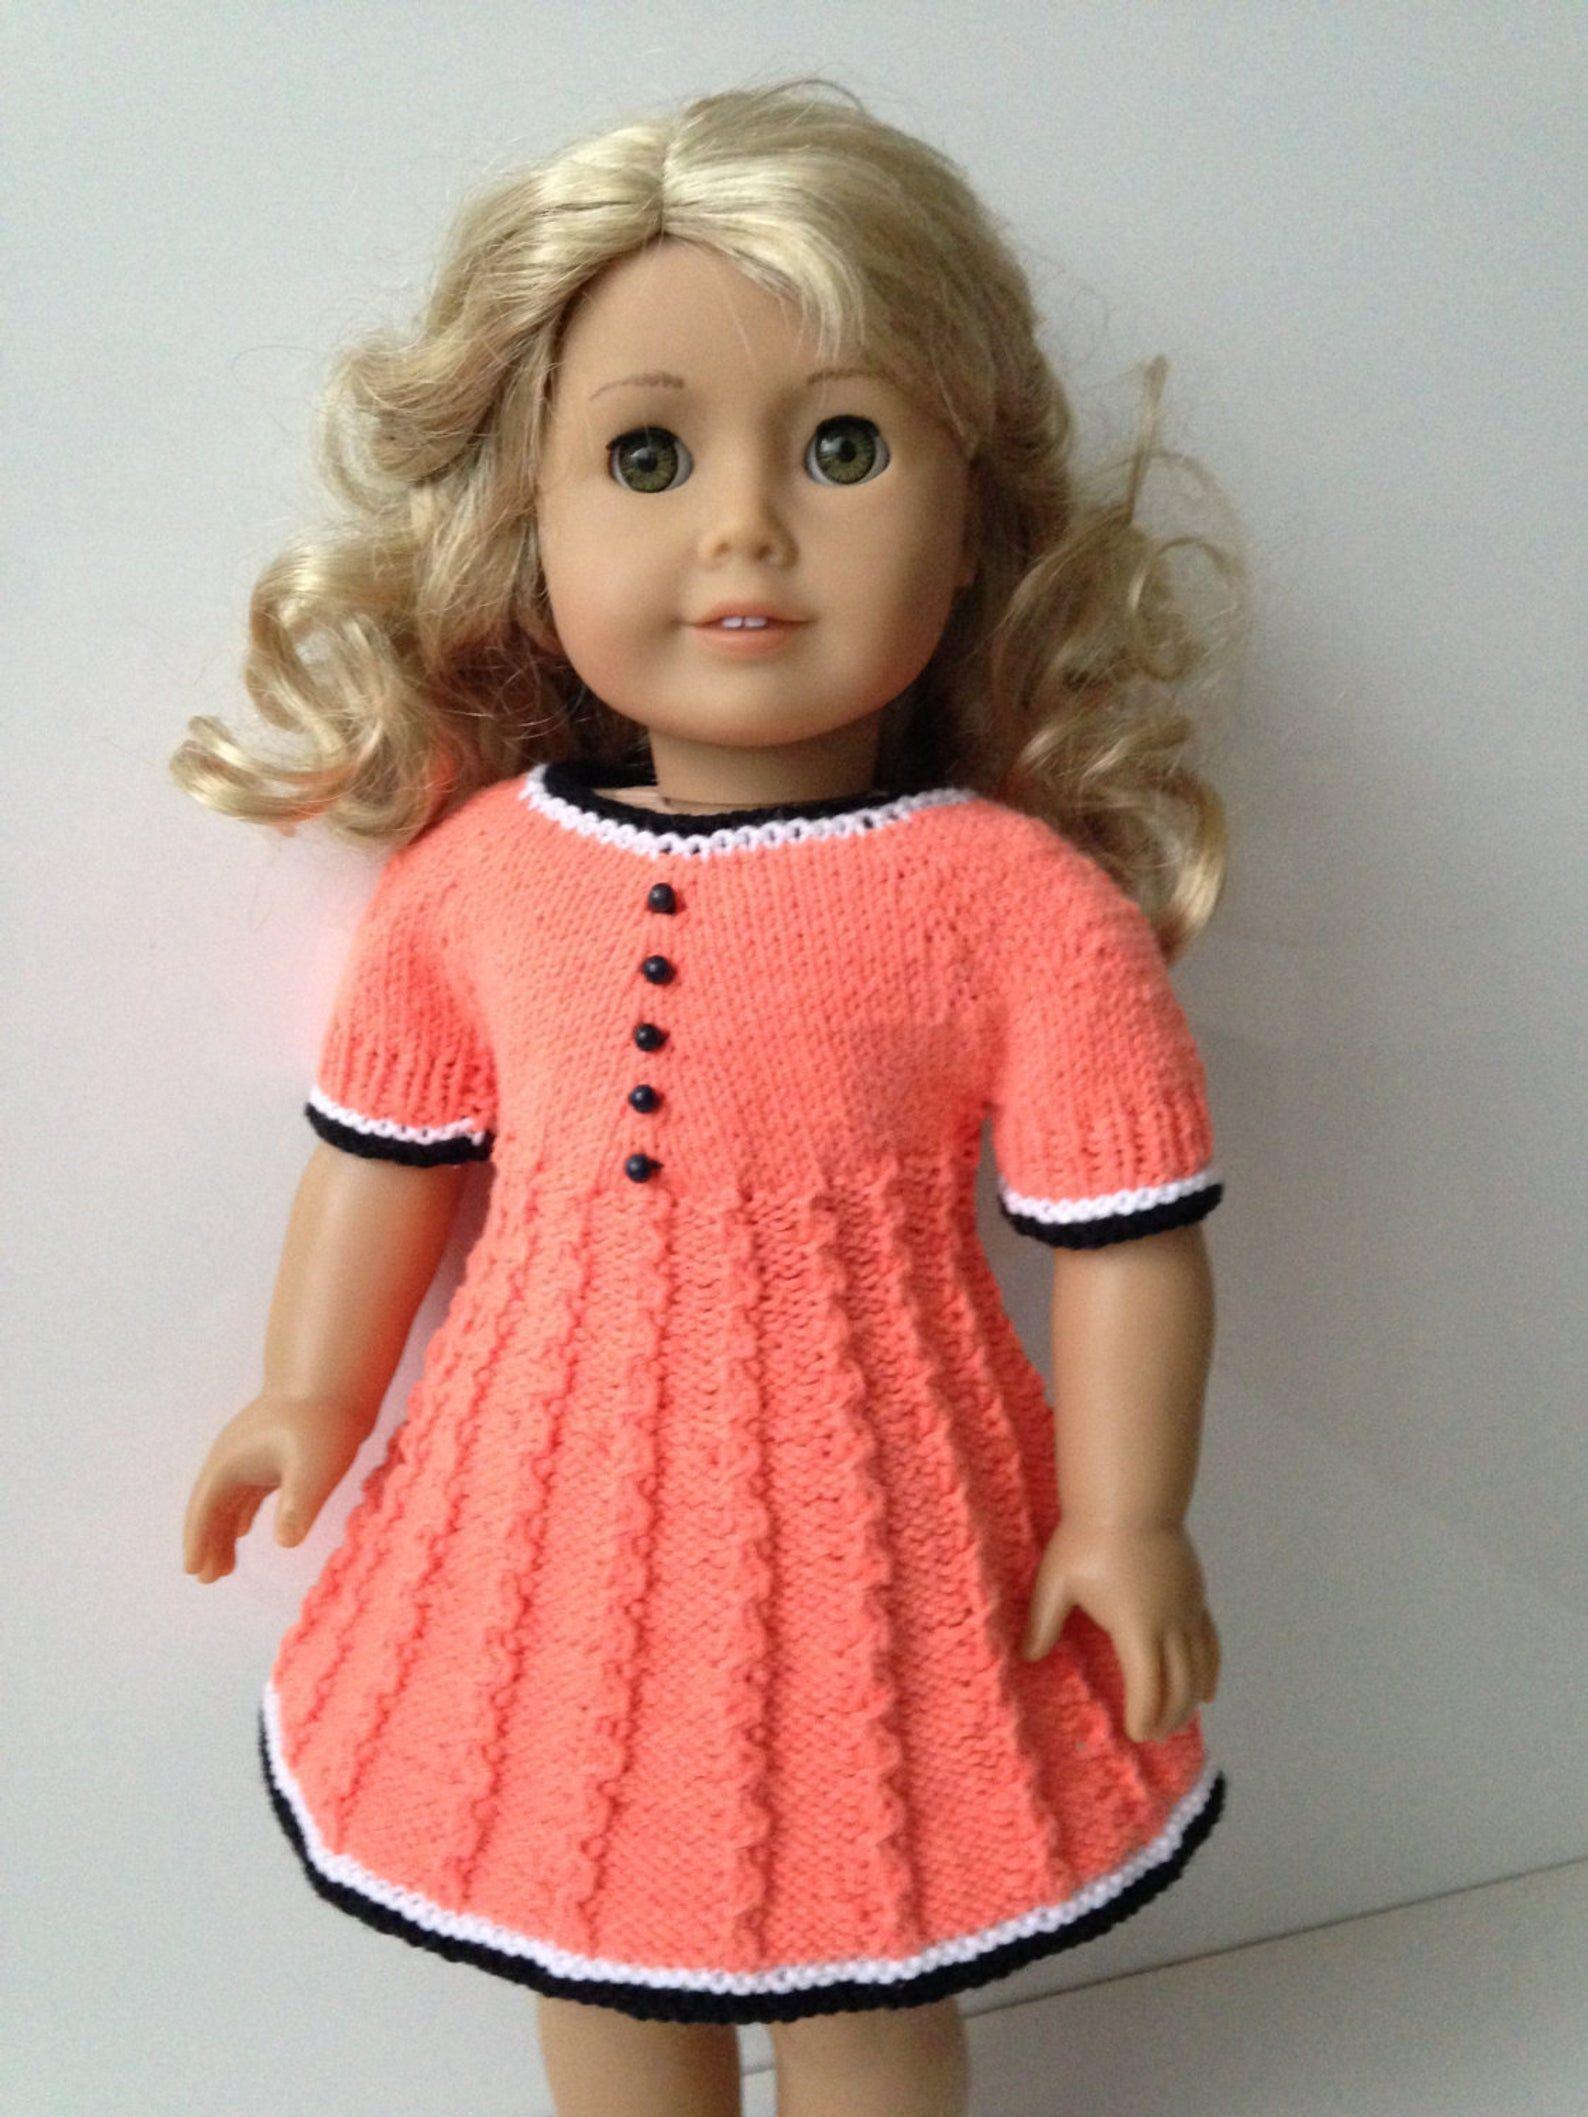 Pin on American Girl Dolls